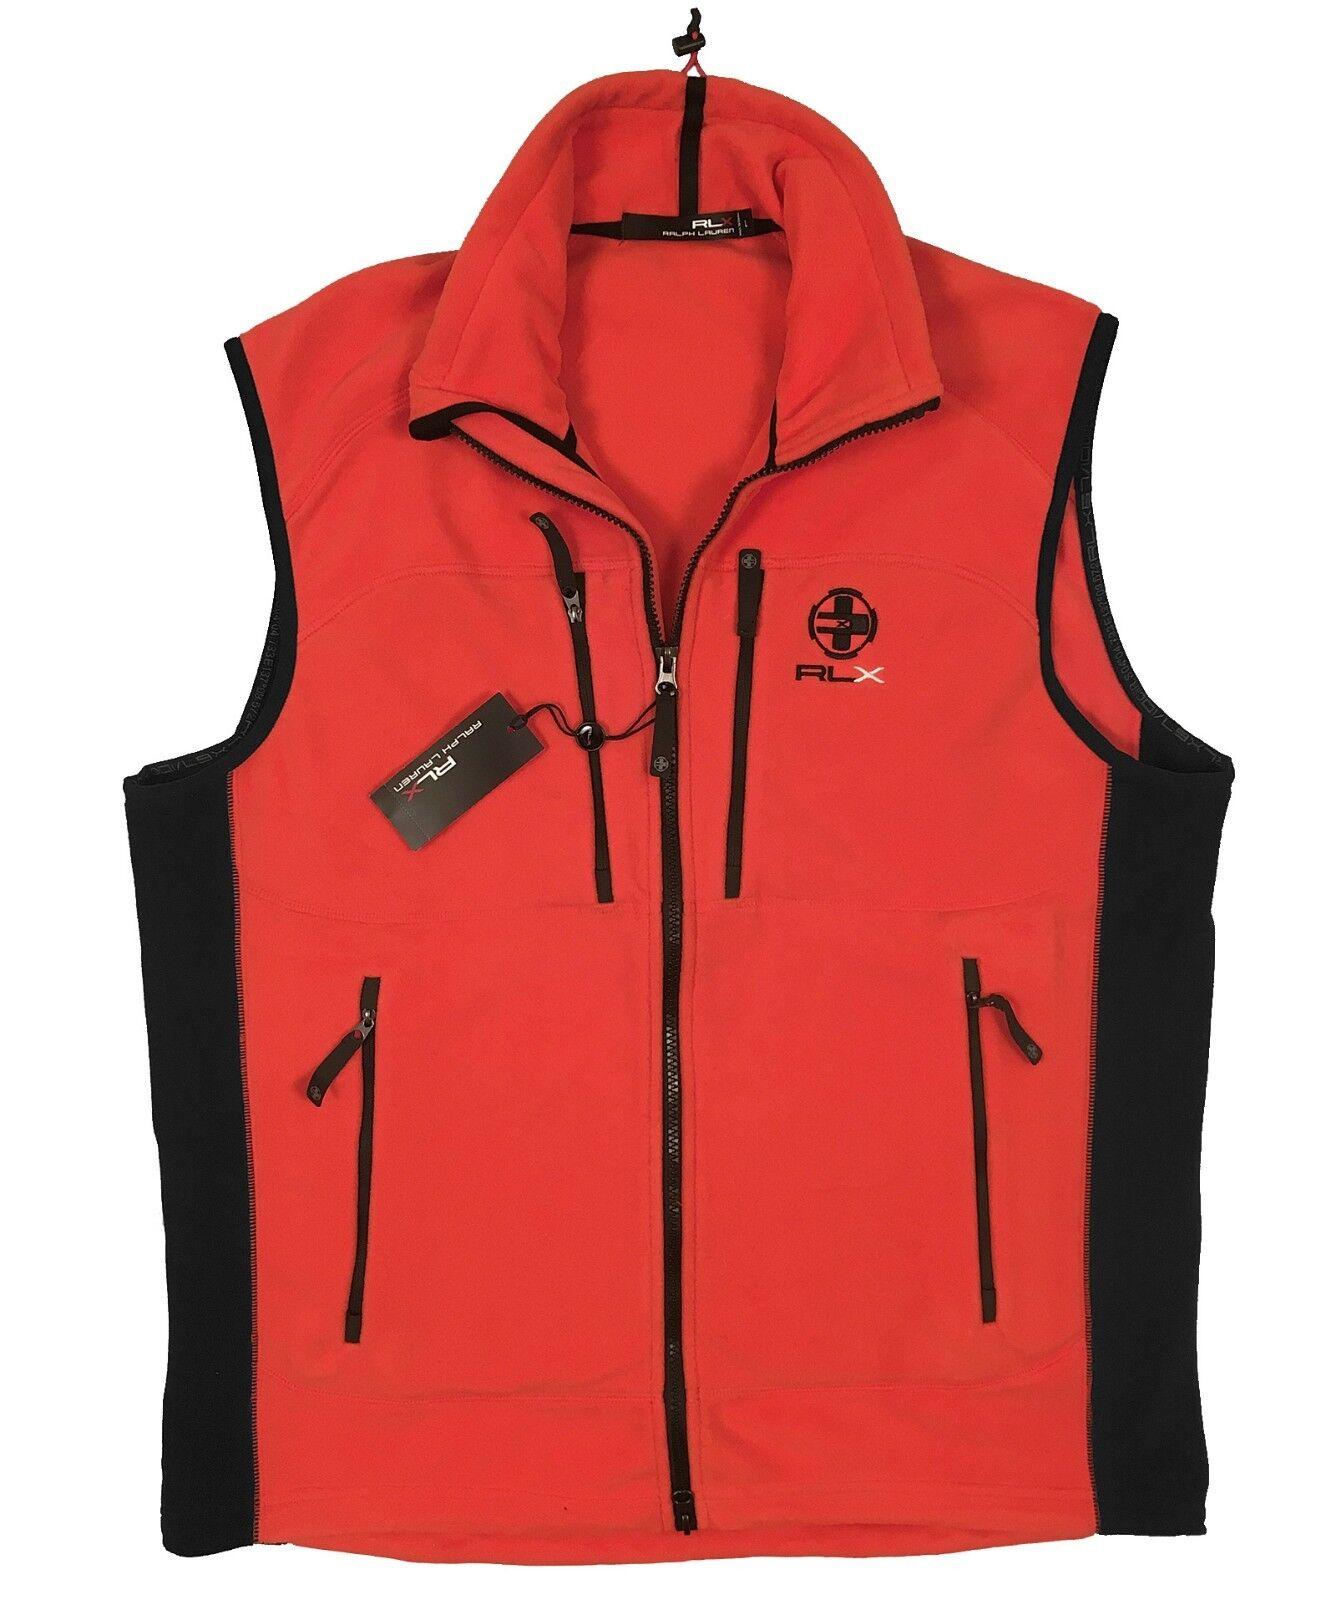 NEW  Ralph Lauren RLX Fleece Vest   RLX on Front  orange or Bright Green